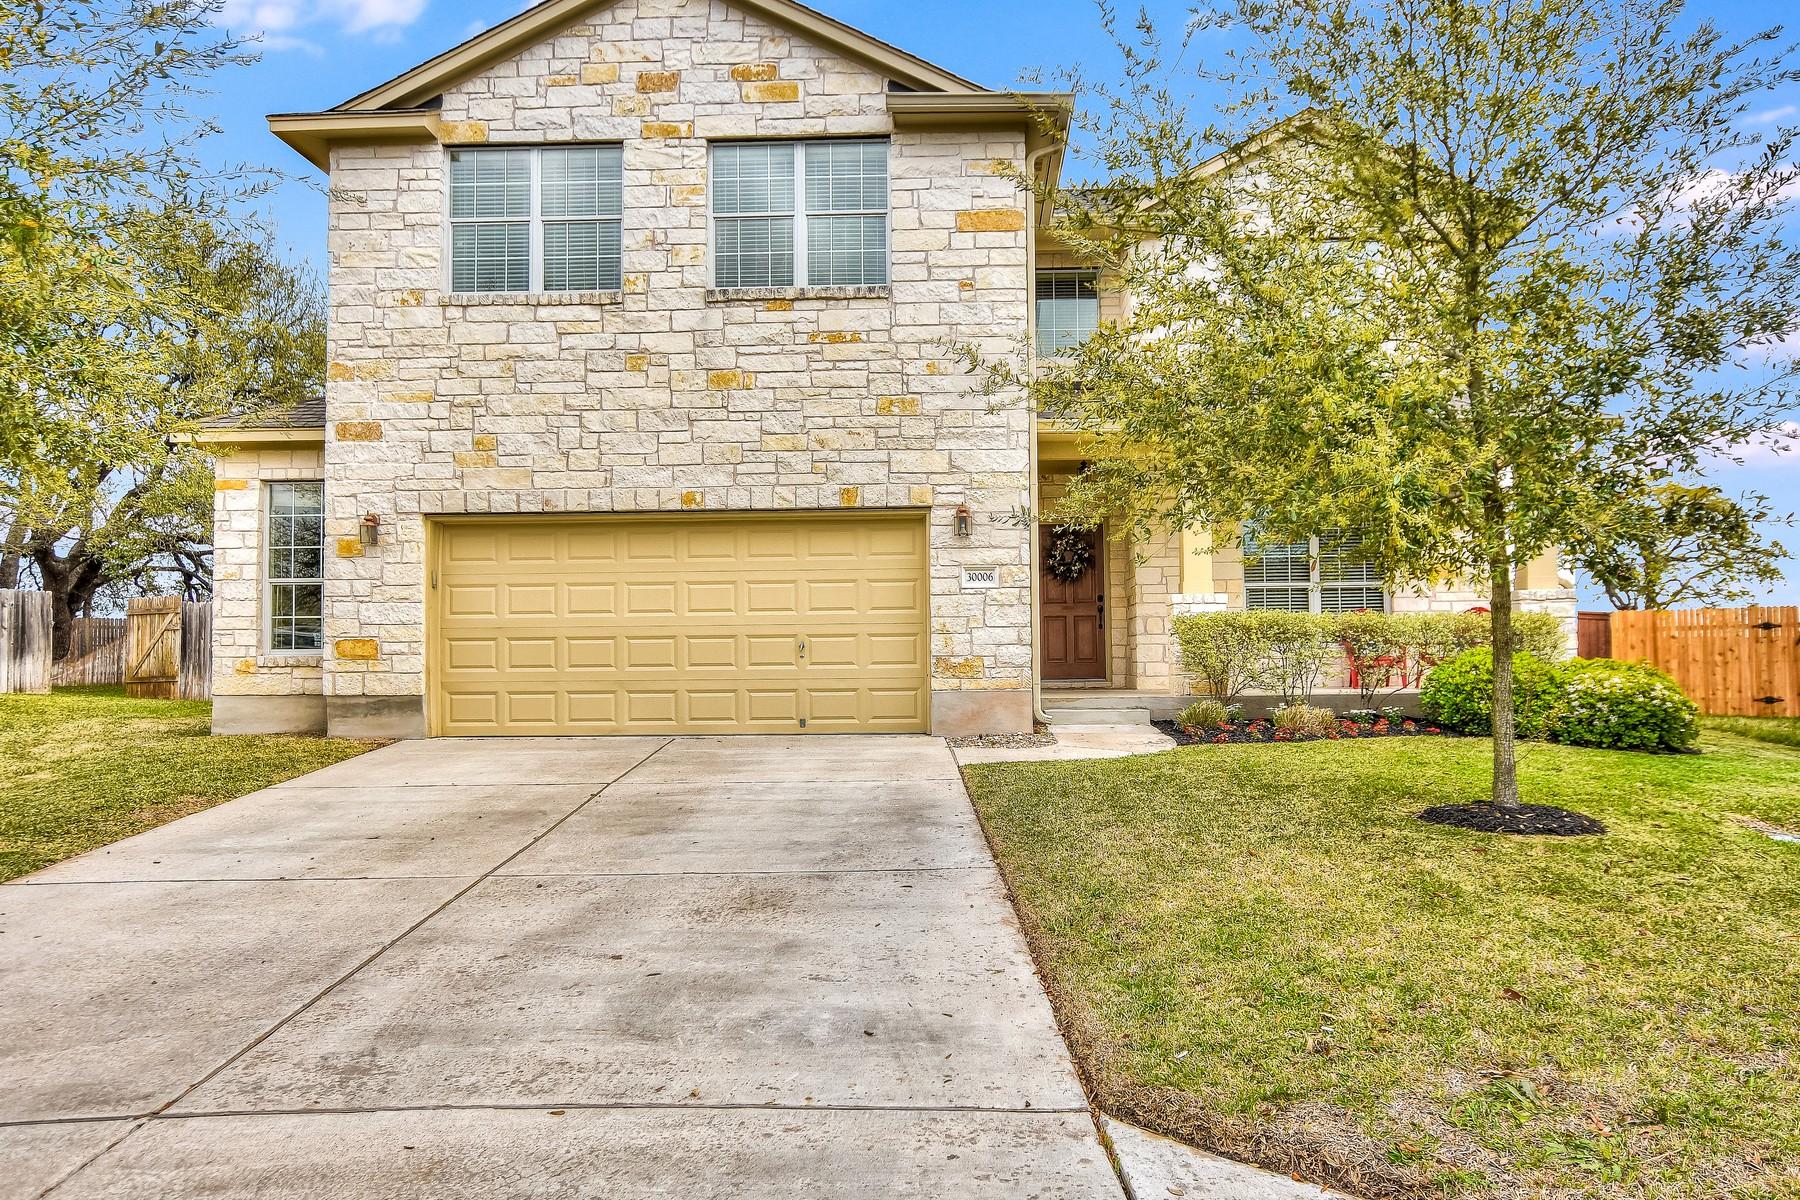 Casa Unifamiliar por un Venta en Georgetown Living at its Best! 30006 Bumble Bee Dr Georgetown, Texas 78628 Estados Unidos